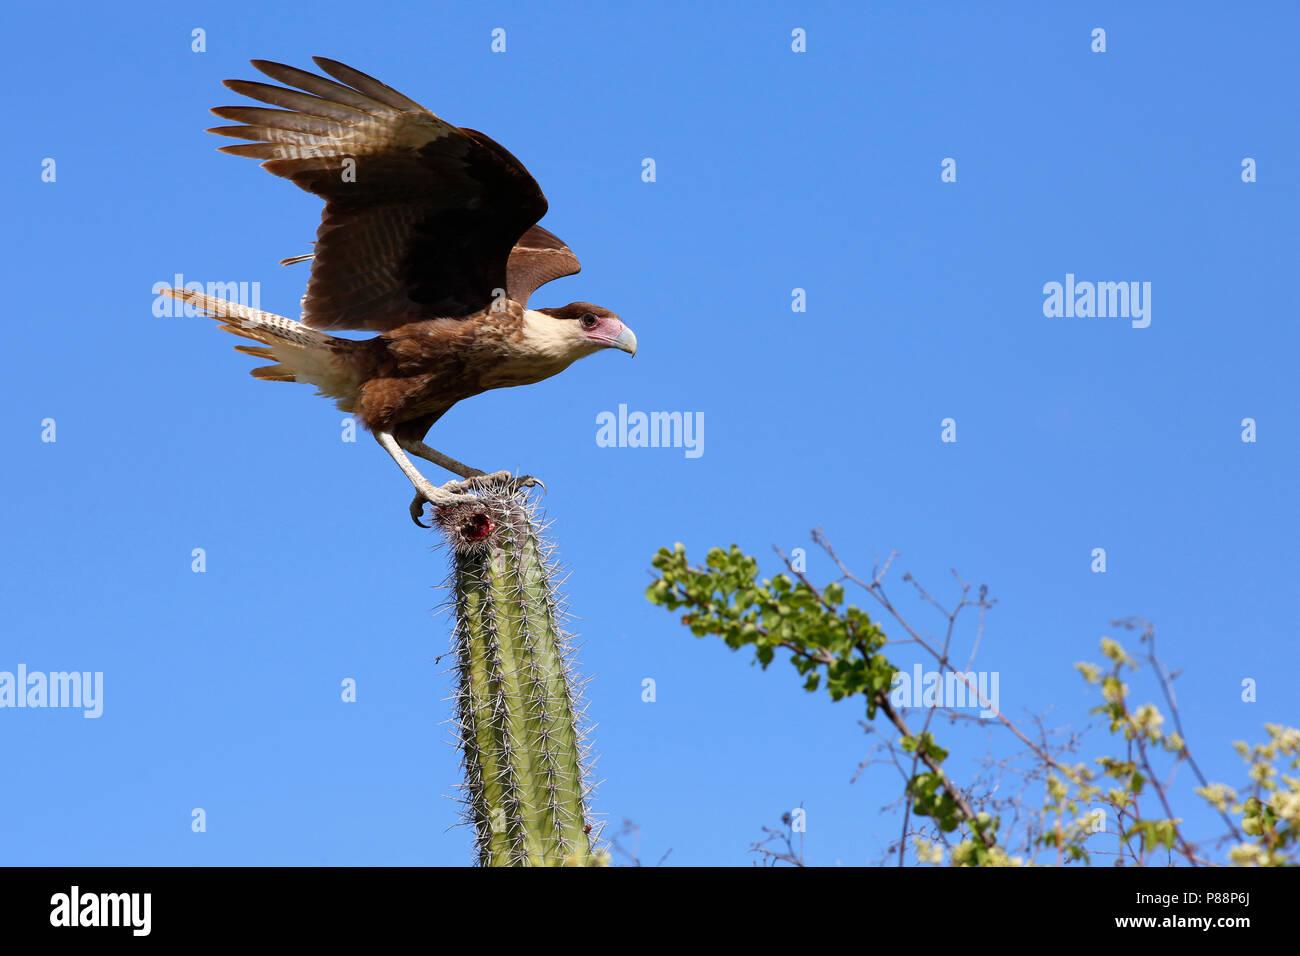 kuifcaracara op een cactus; Crested Caracara on a cactus Stock Photo